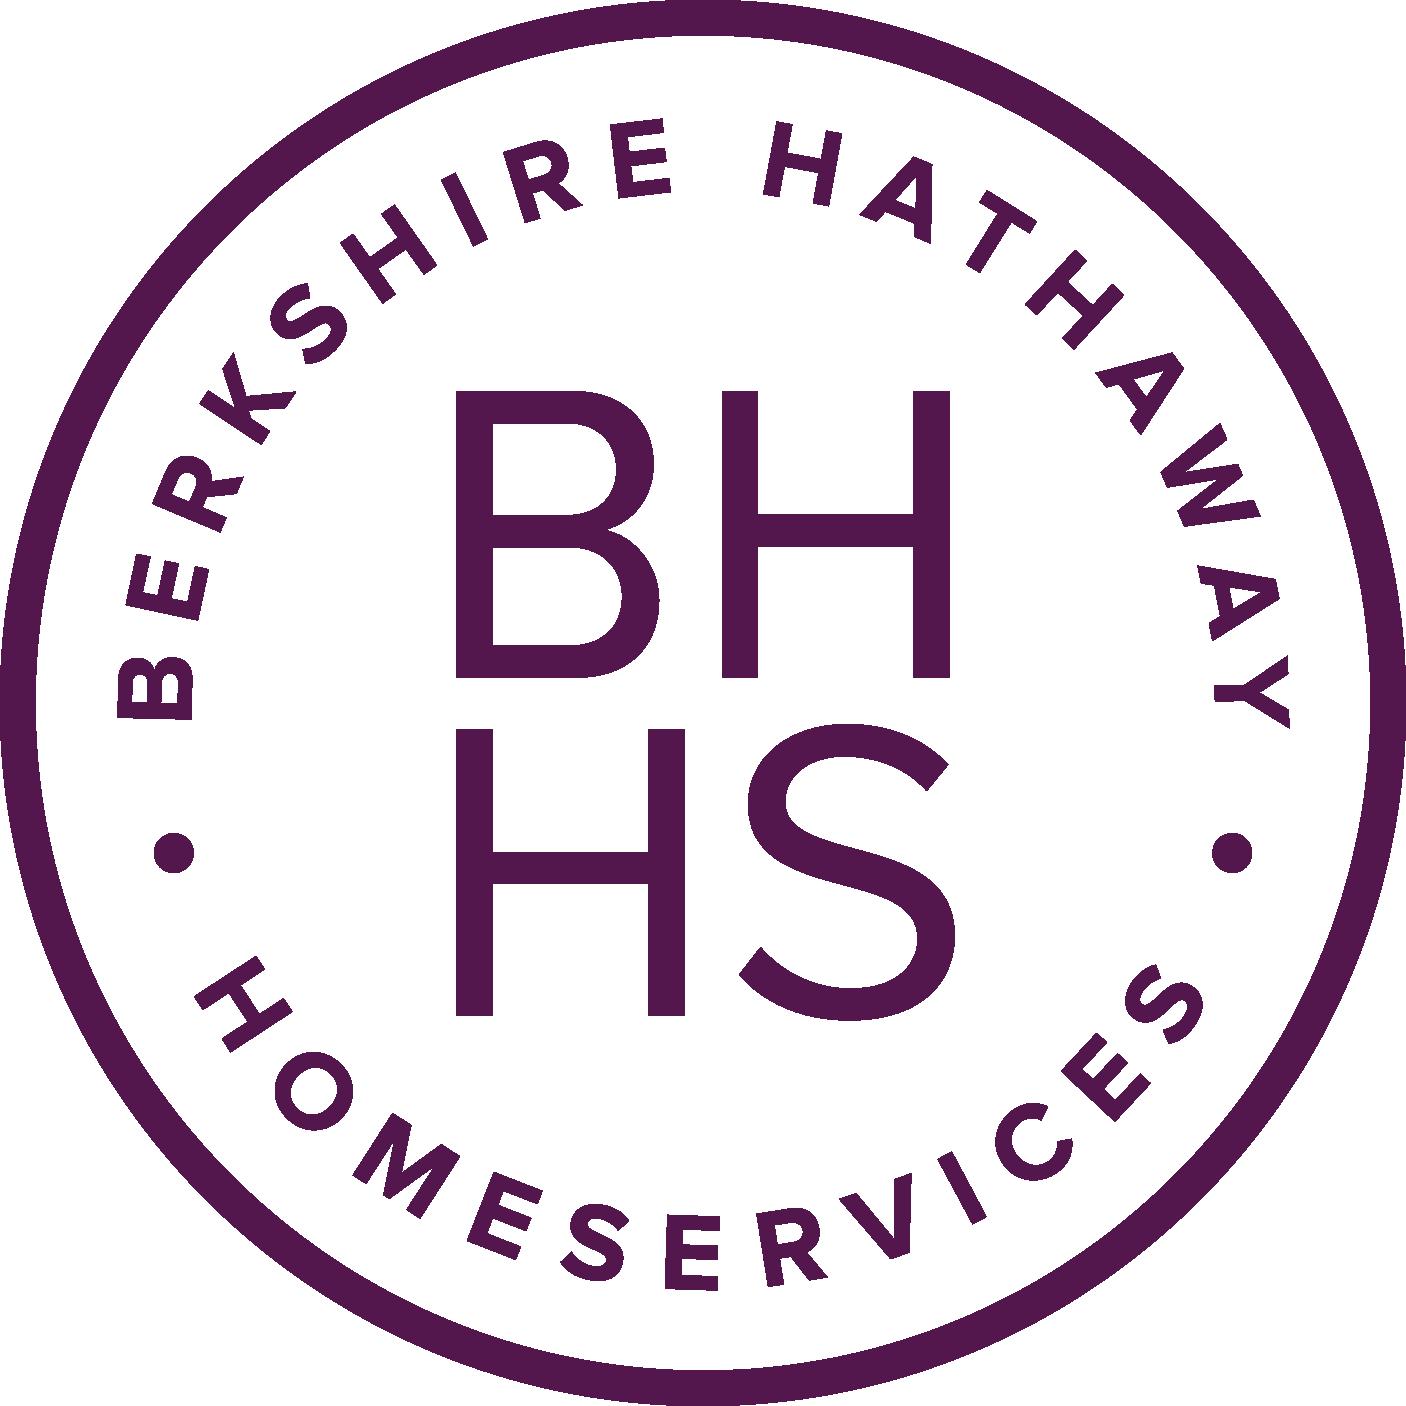 Logo Berkshire Hathaway Png Free Download Free Transparent Png Logos